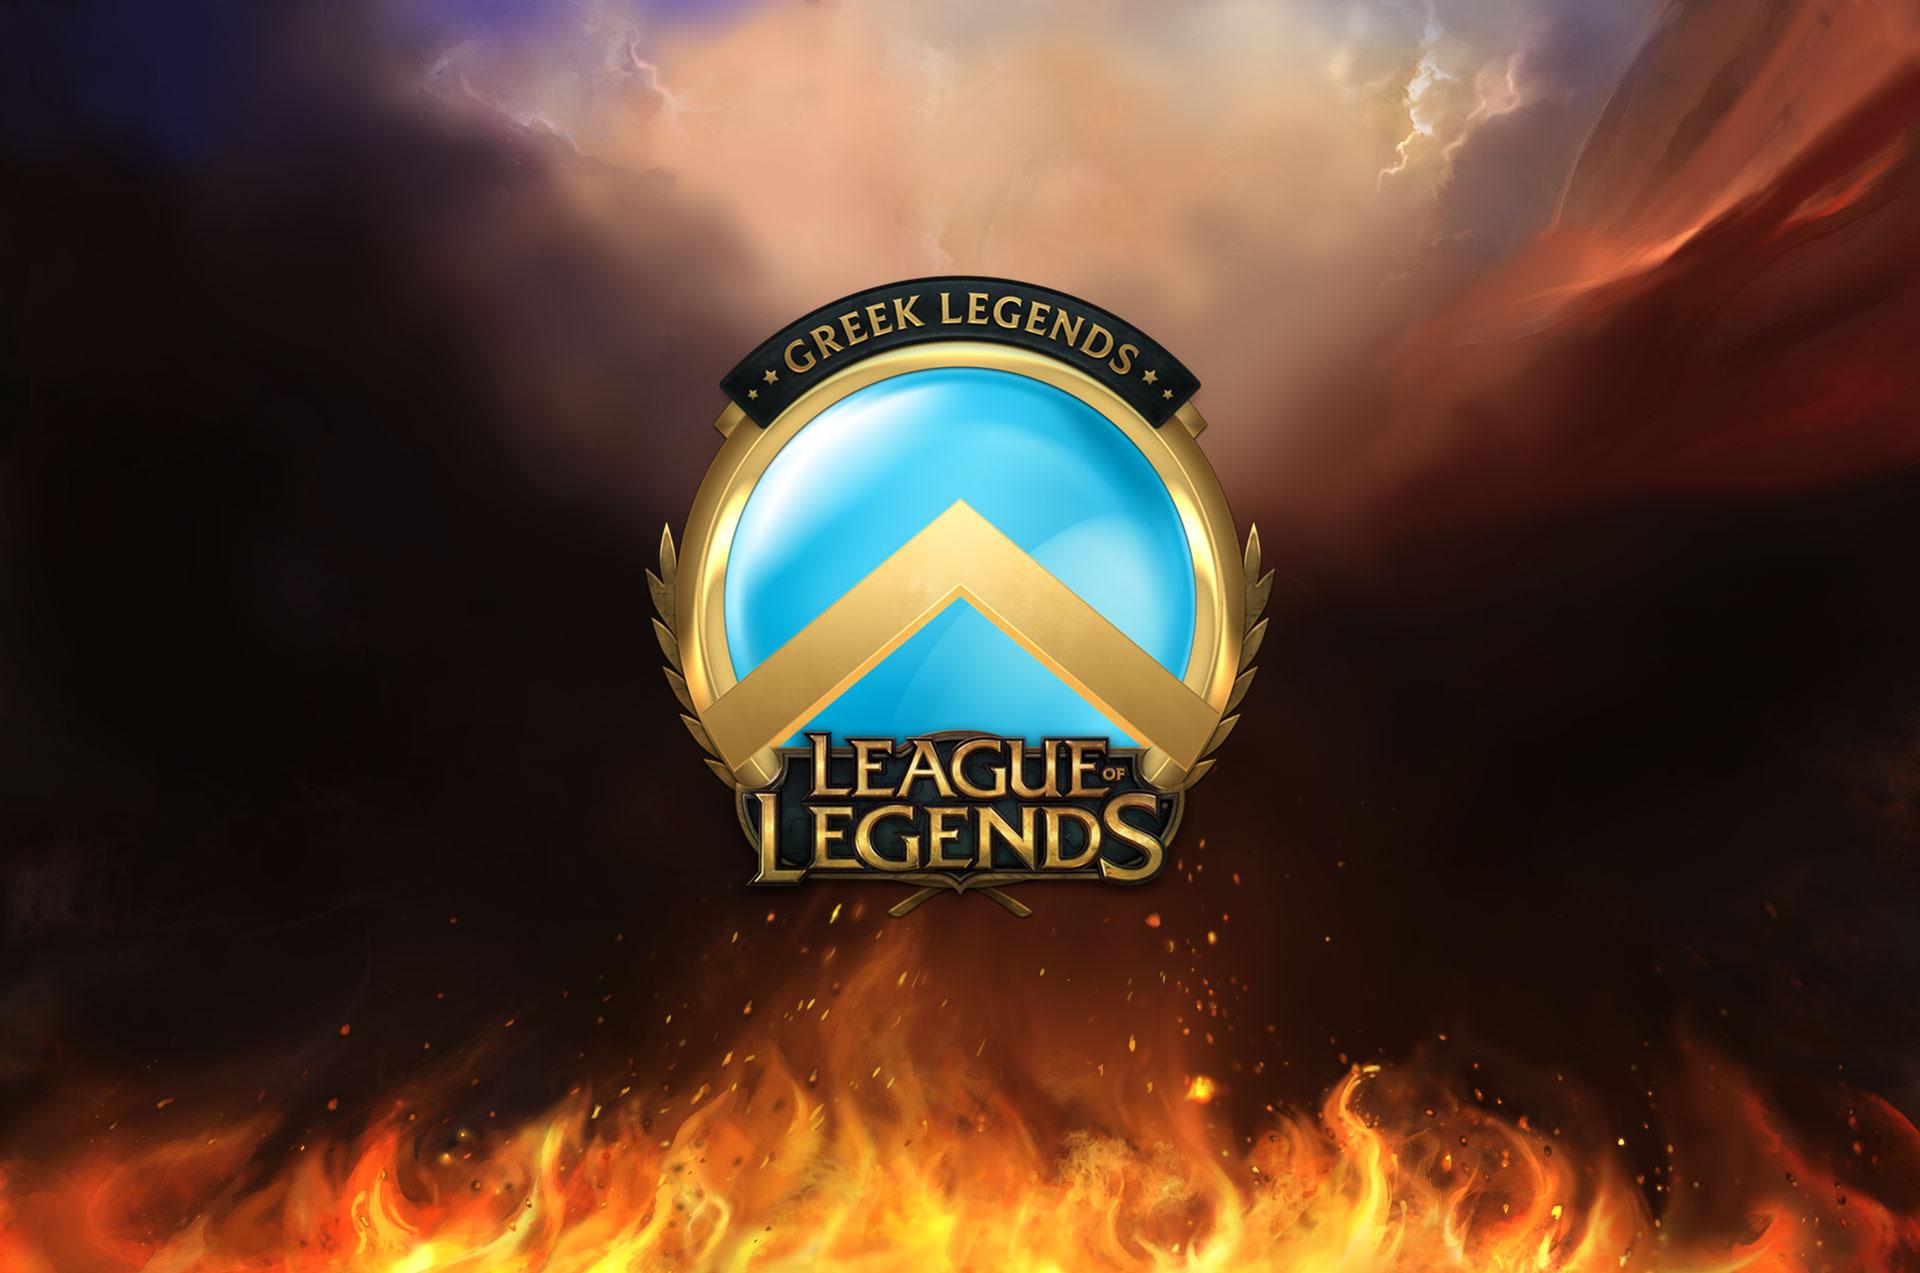 Πρωταθλήτρια του Greek Legends League Summer 2019 η WLGaming Esports